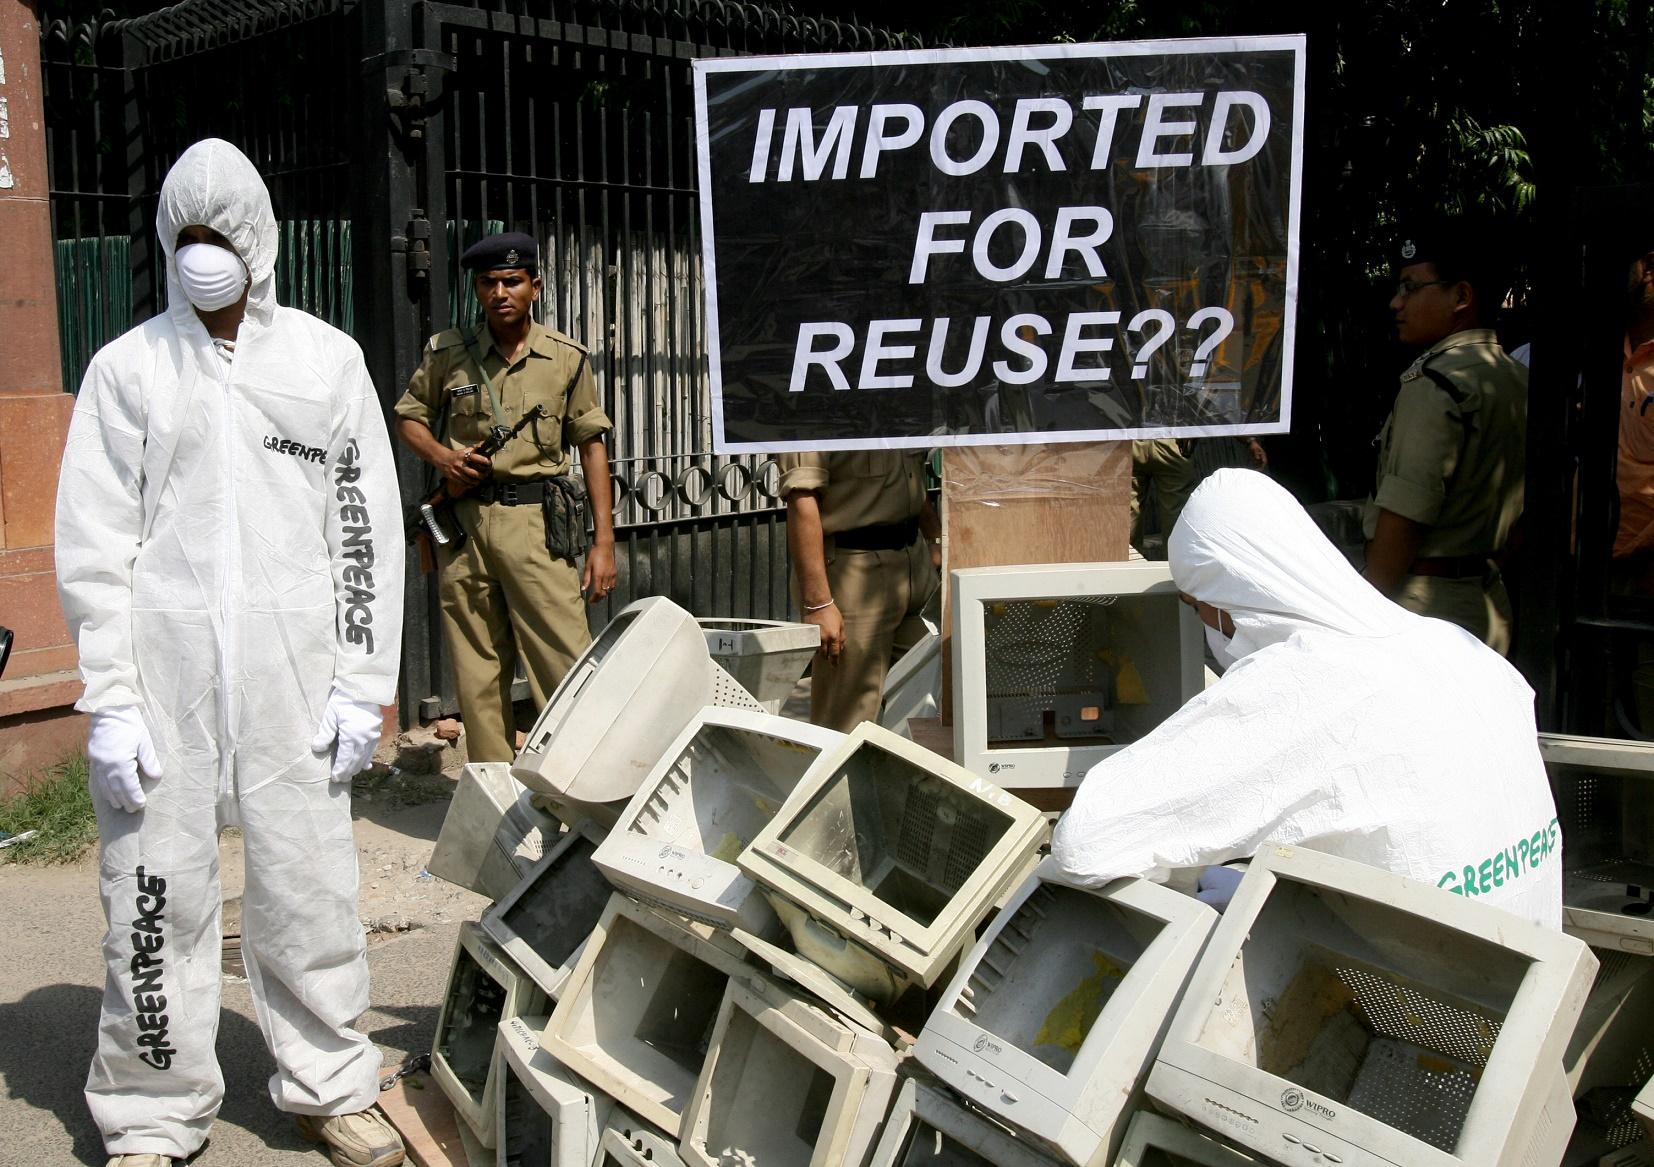 Manifestantes do Greenpeace na Índia, protestam contra a importação de lixo eletrônico. Foto Raveendran/AFP